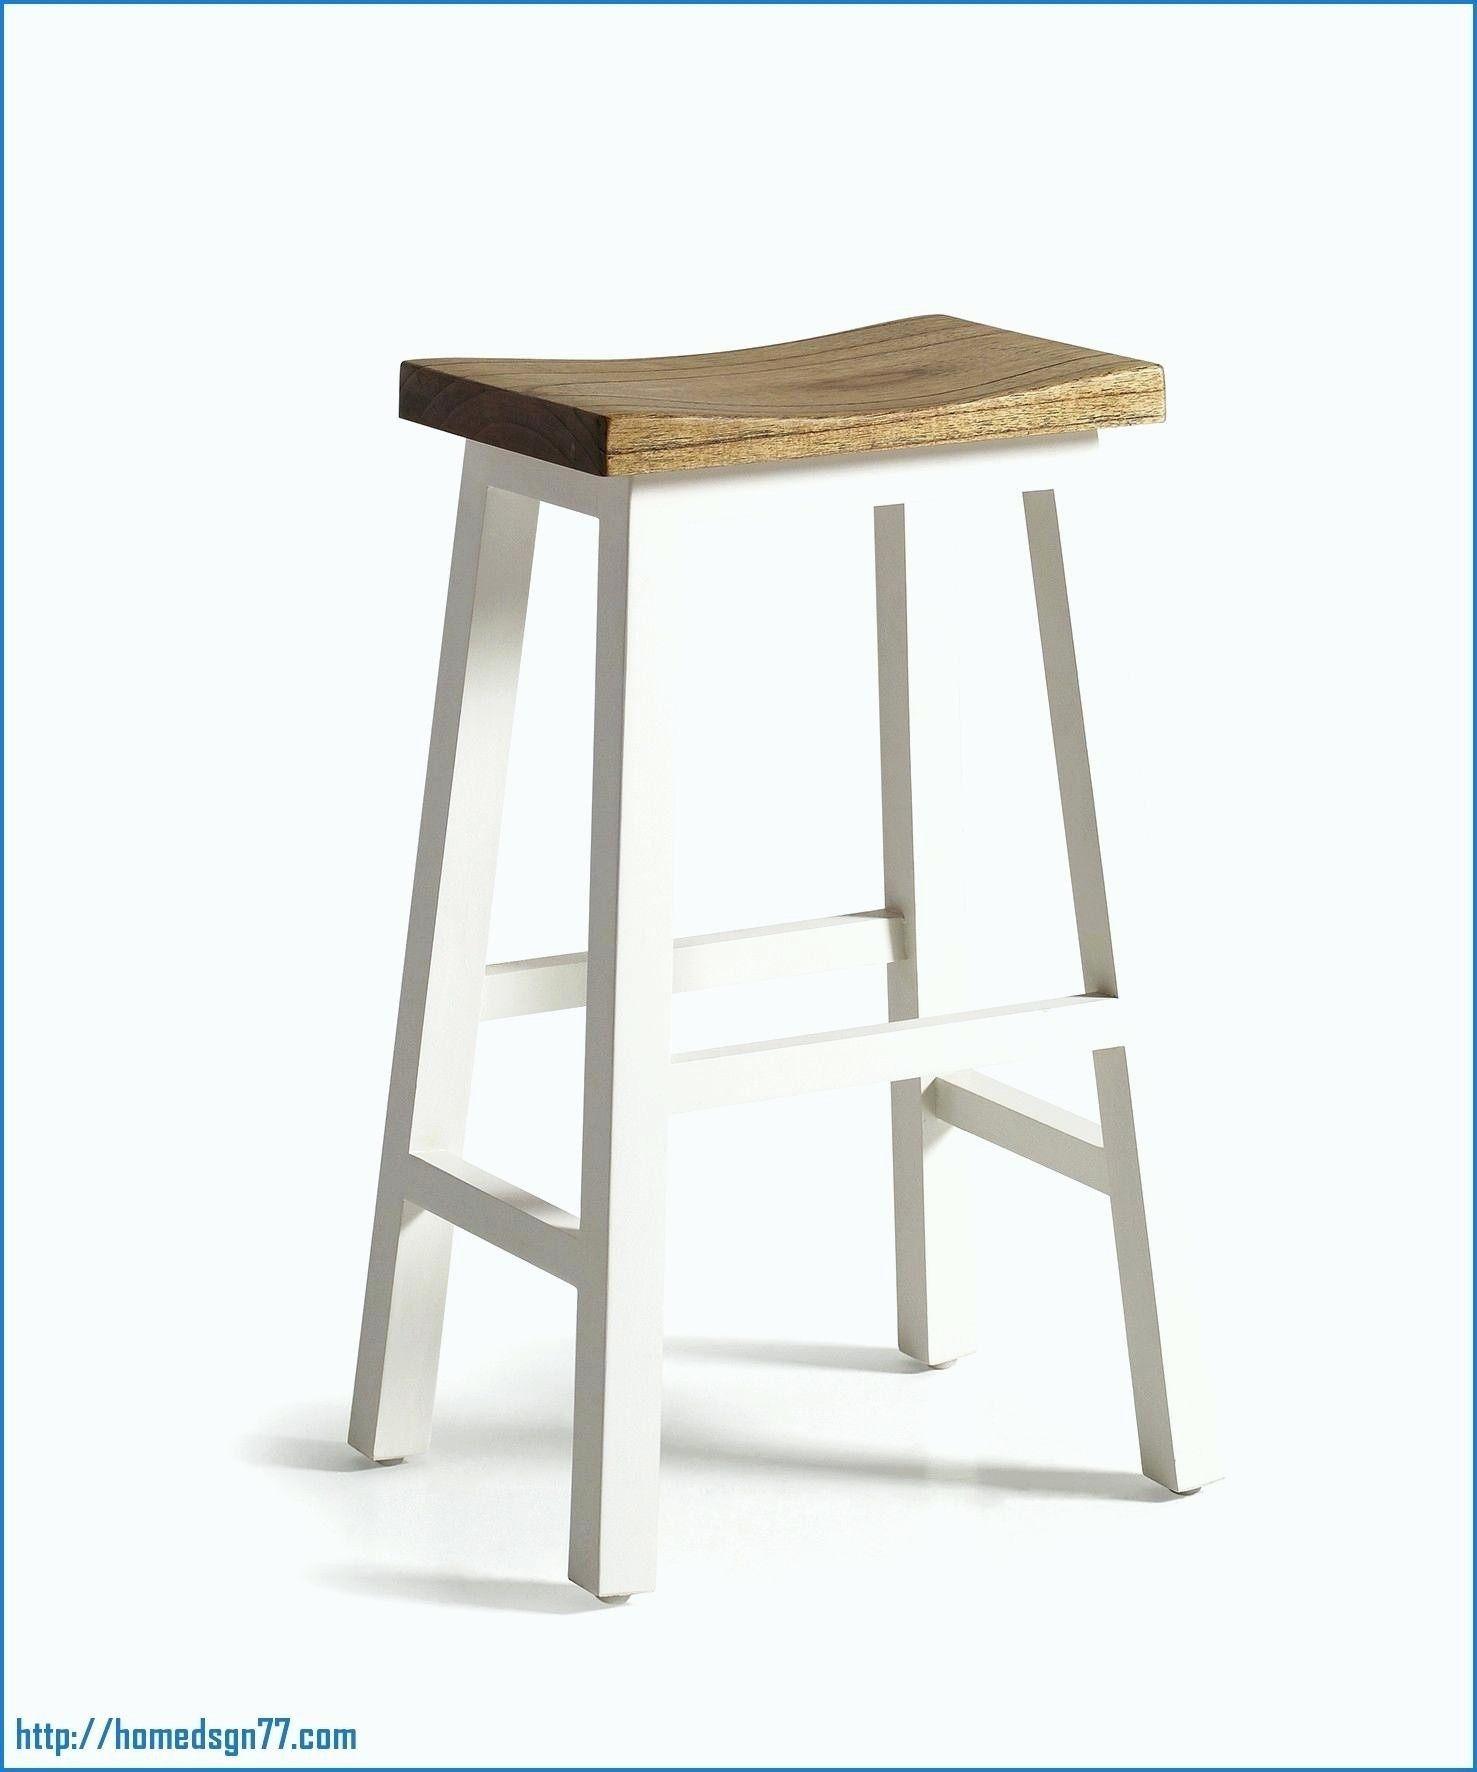 Lit Superposé Gris Génial Chaise Bébé Pliante Cuisine Pour Bebe Lovely Lit Ikea Bebe 12